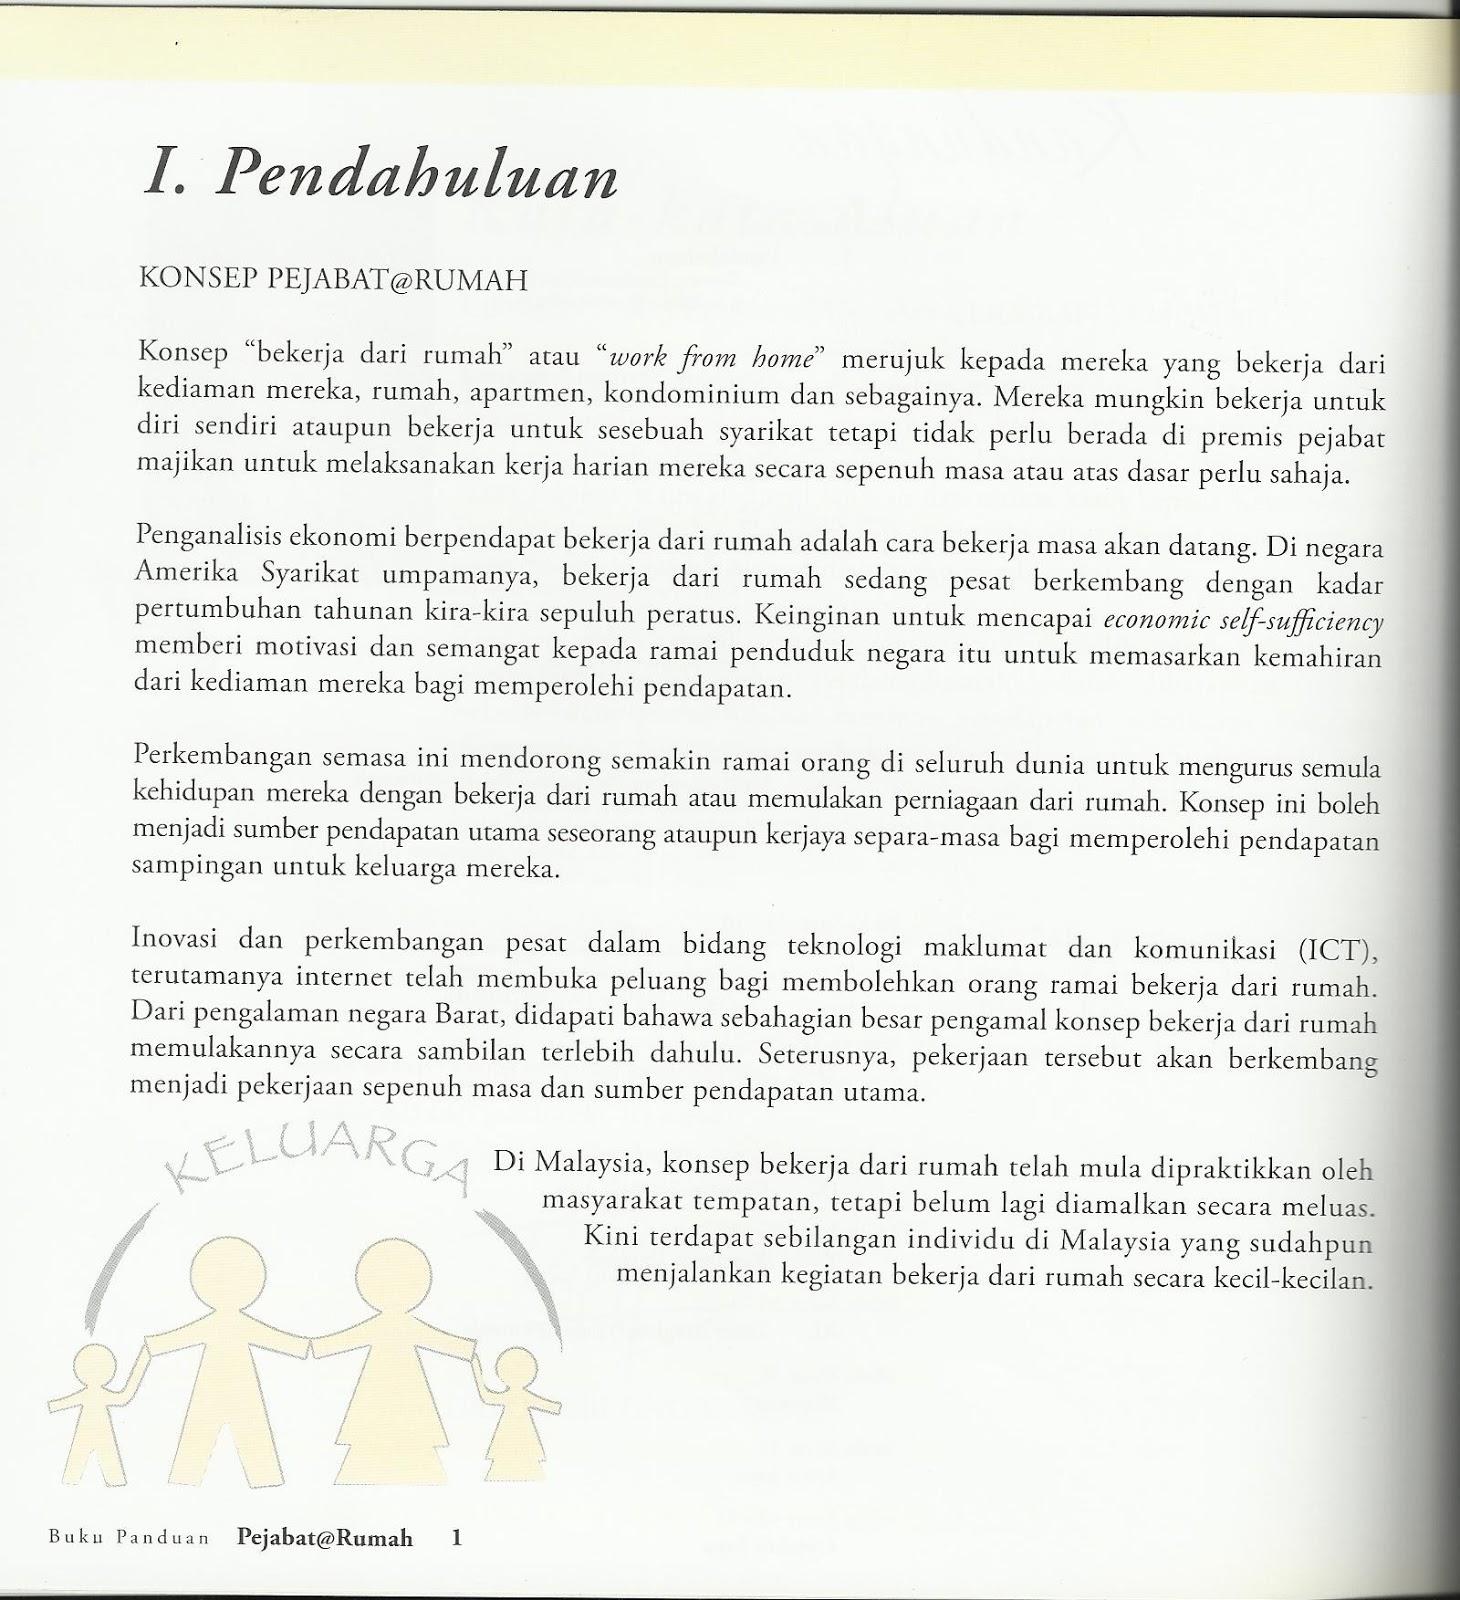 Ehomemakers malaysia march 2013 buku panduan pejabatrumah muka surat hadapan pendahuluan fandeluxe Gallery